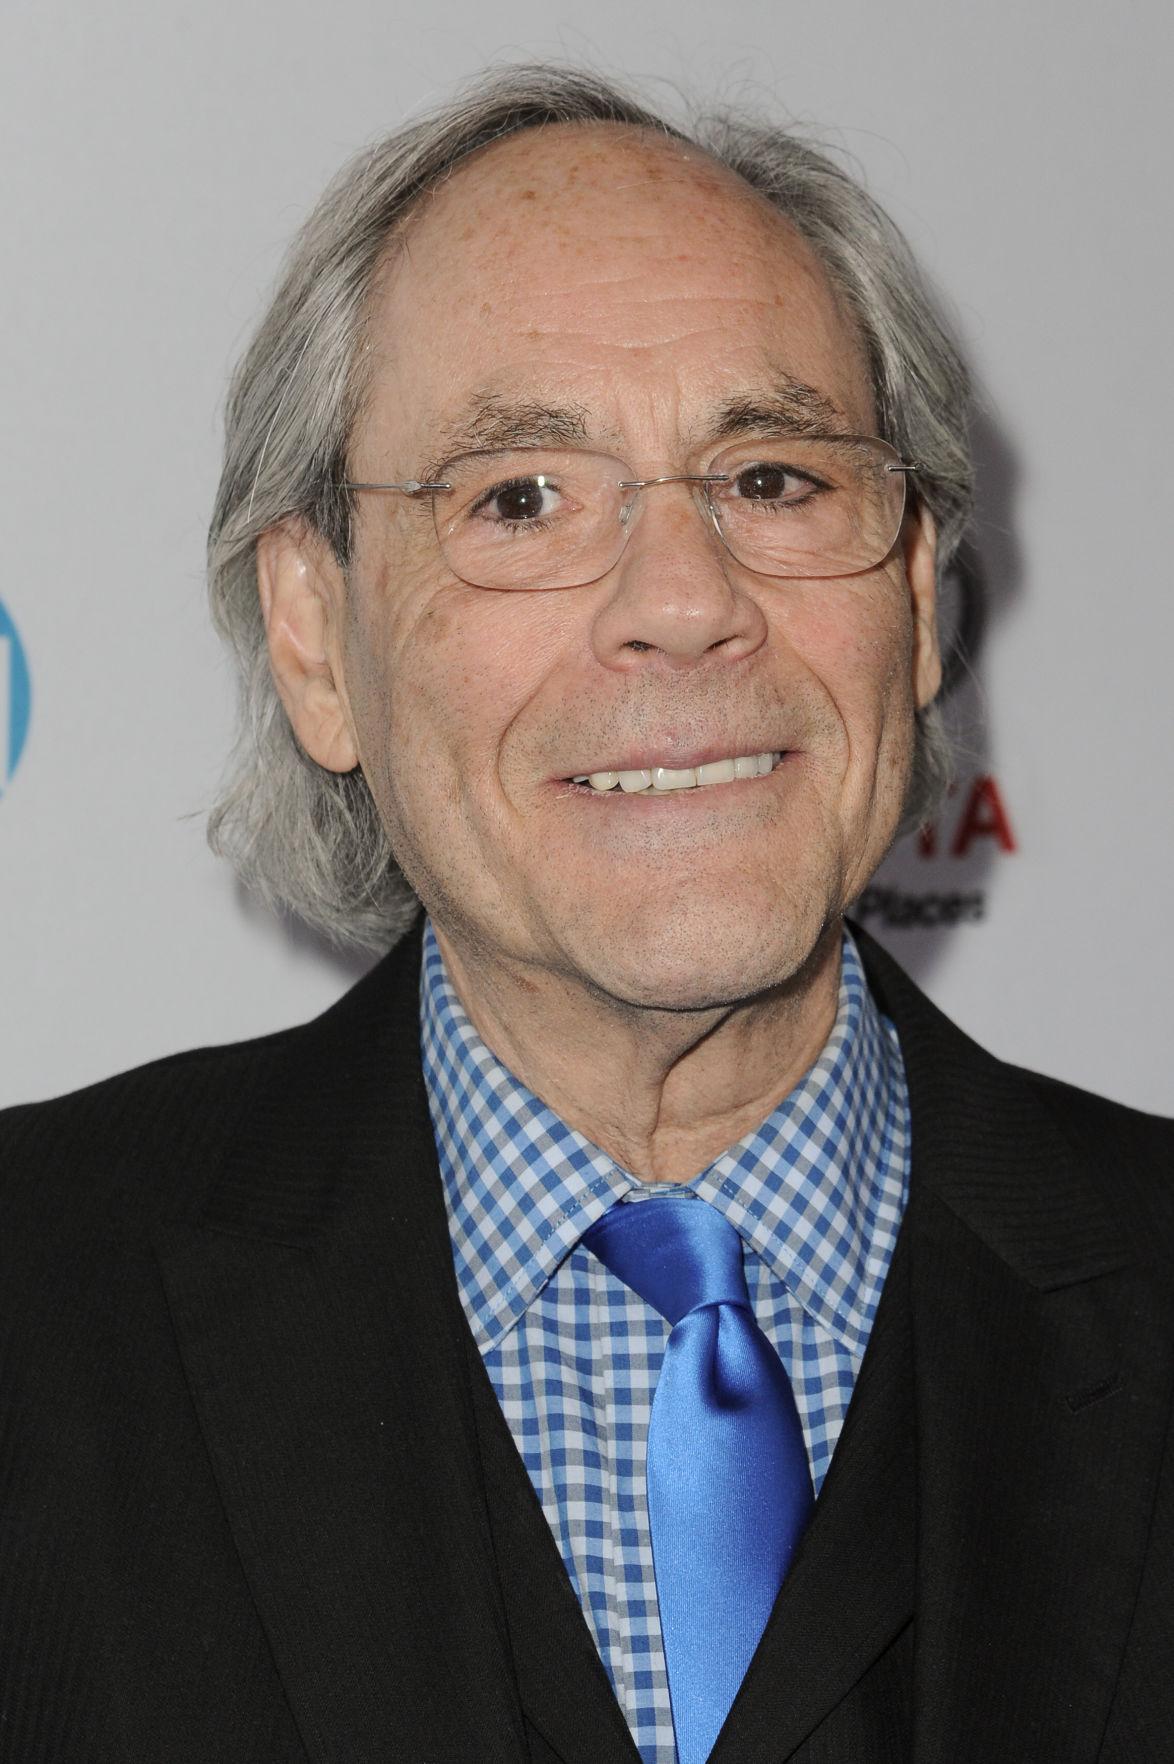 Robert Klein actor